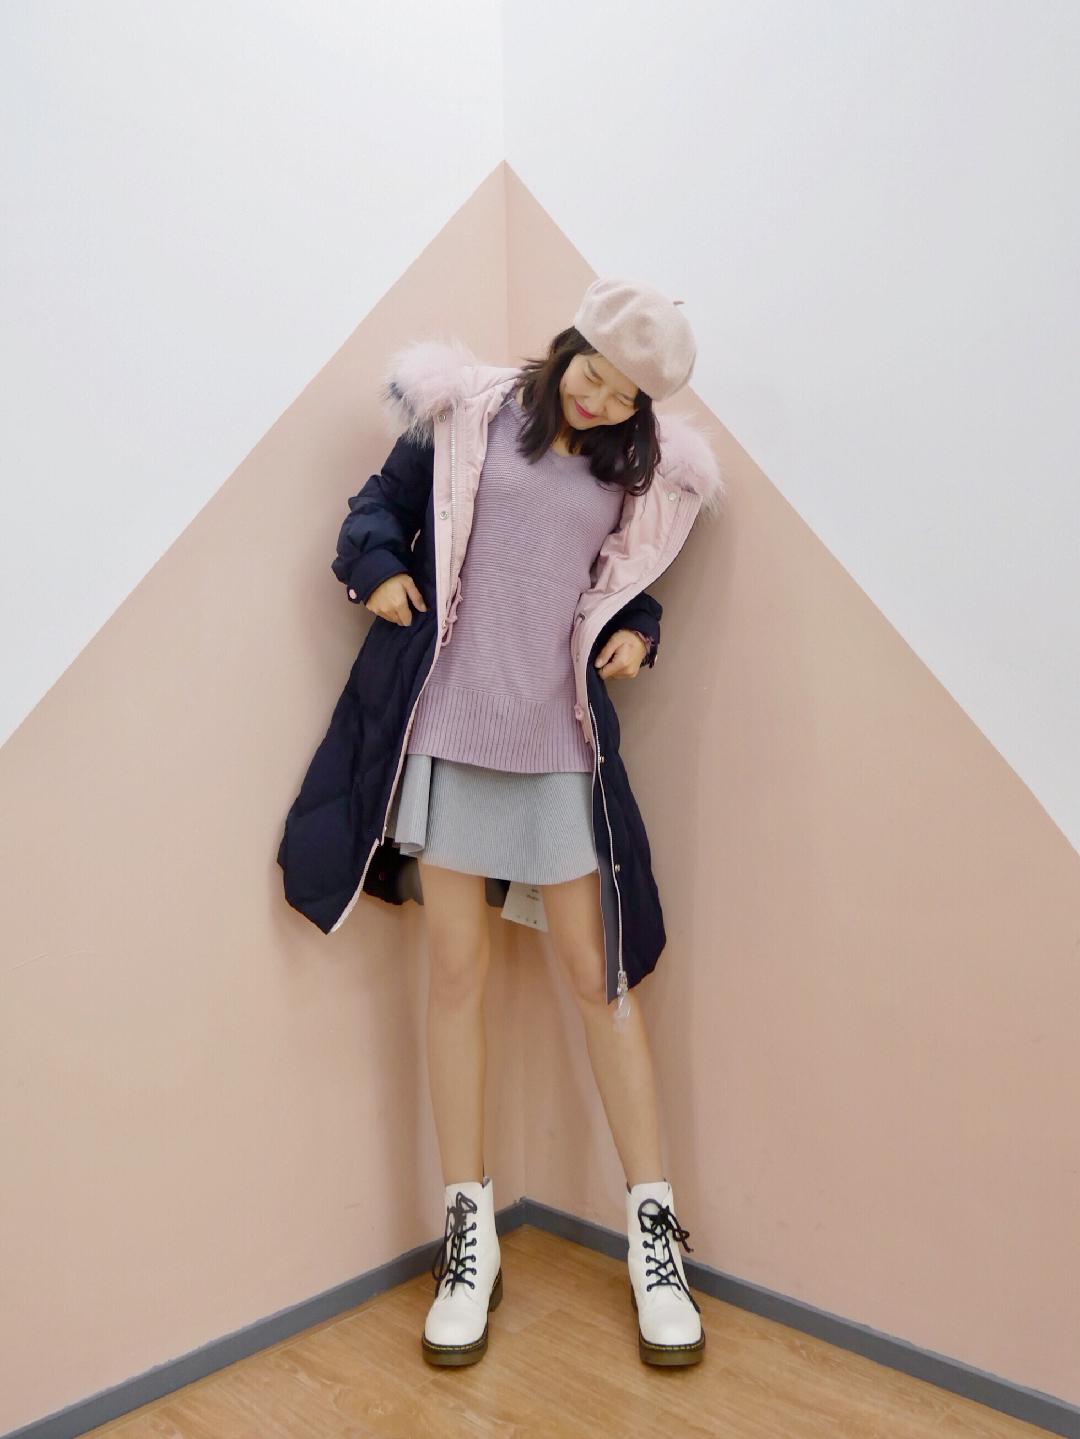 #寒冬我只想躲在这件棉被里!# 粉色内里和毛领撞色黑色外套,黑粉不就是blackpink少女力吗!  粉色毛绒贝雷帽给甜度加分,内里紫色宽松毛衣更加温柔。外搭的羽绒服太保暖舒服了,穿着大棉被完全不会冷,应对这个寒冬没有问题。下身是针织灰色半裙,可爱显腿长。  搭配一双白色马丁靴,冲鸭少女心!